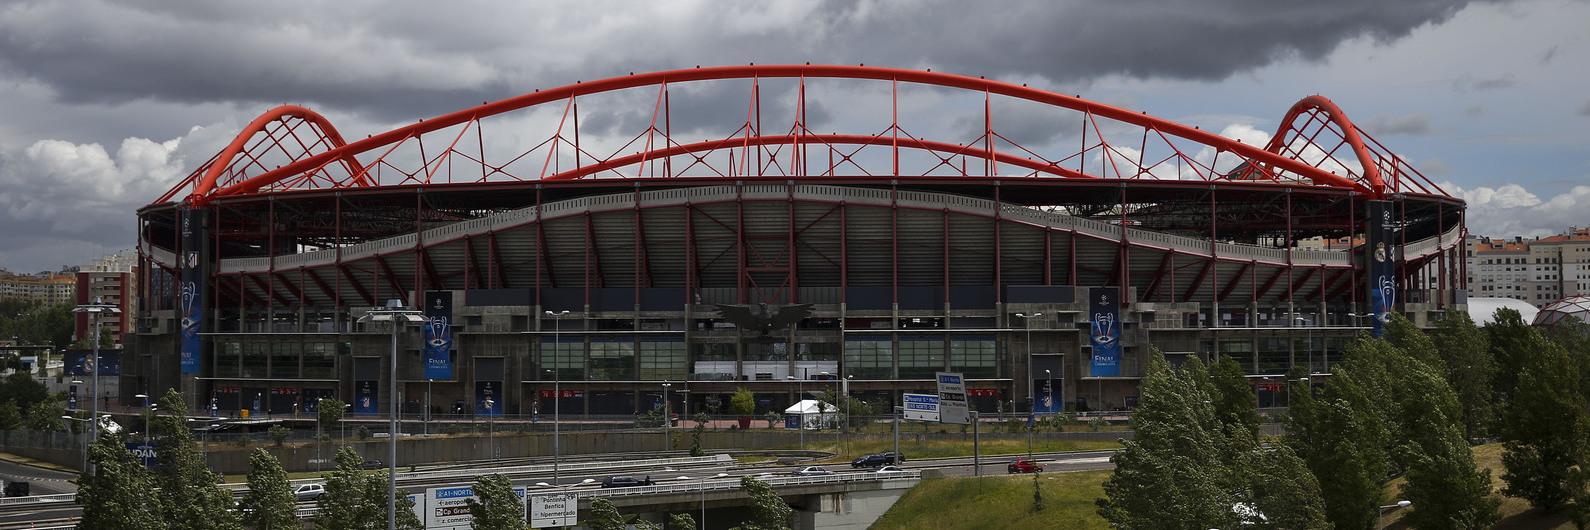 Suspeito do atropelamento junto ao Estádio da Luz entrega-se às autoridades